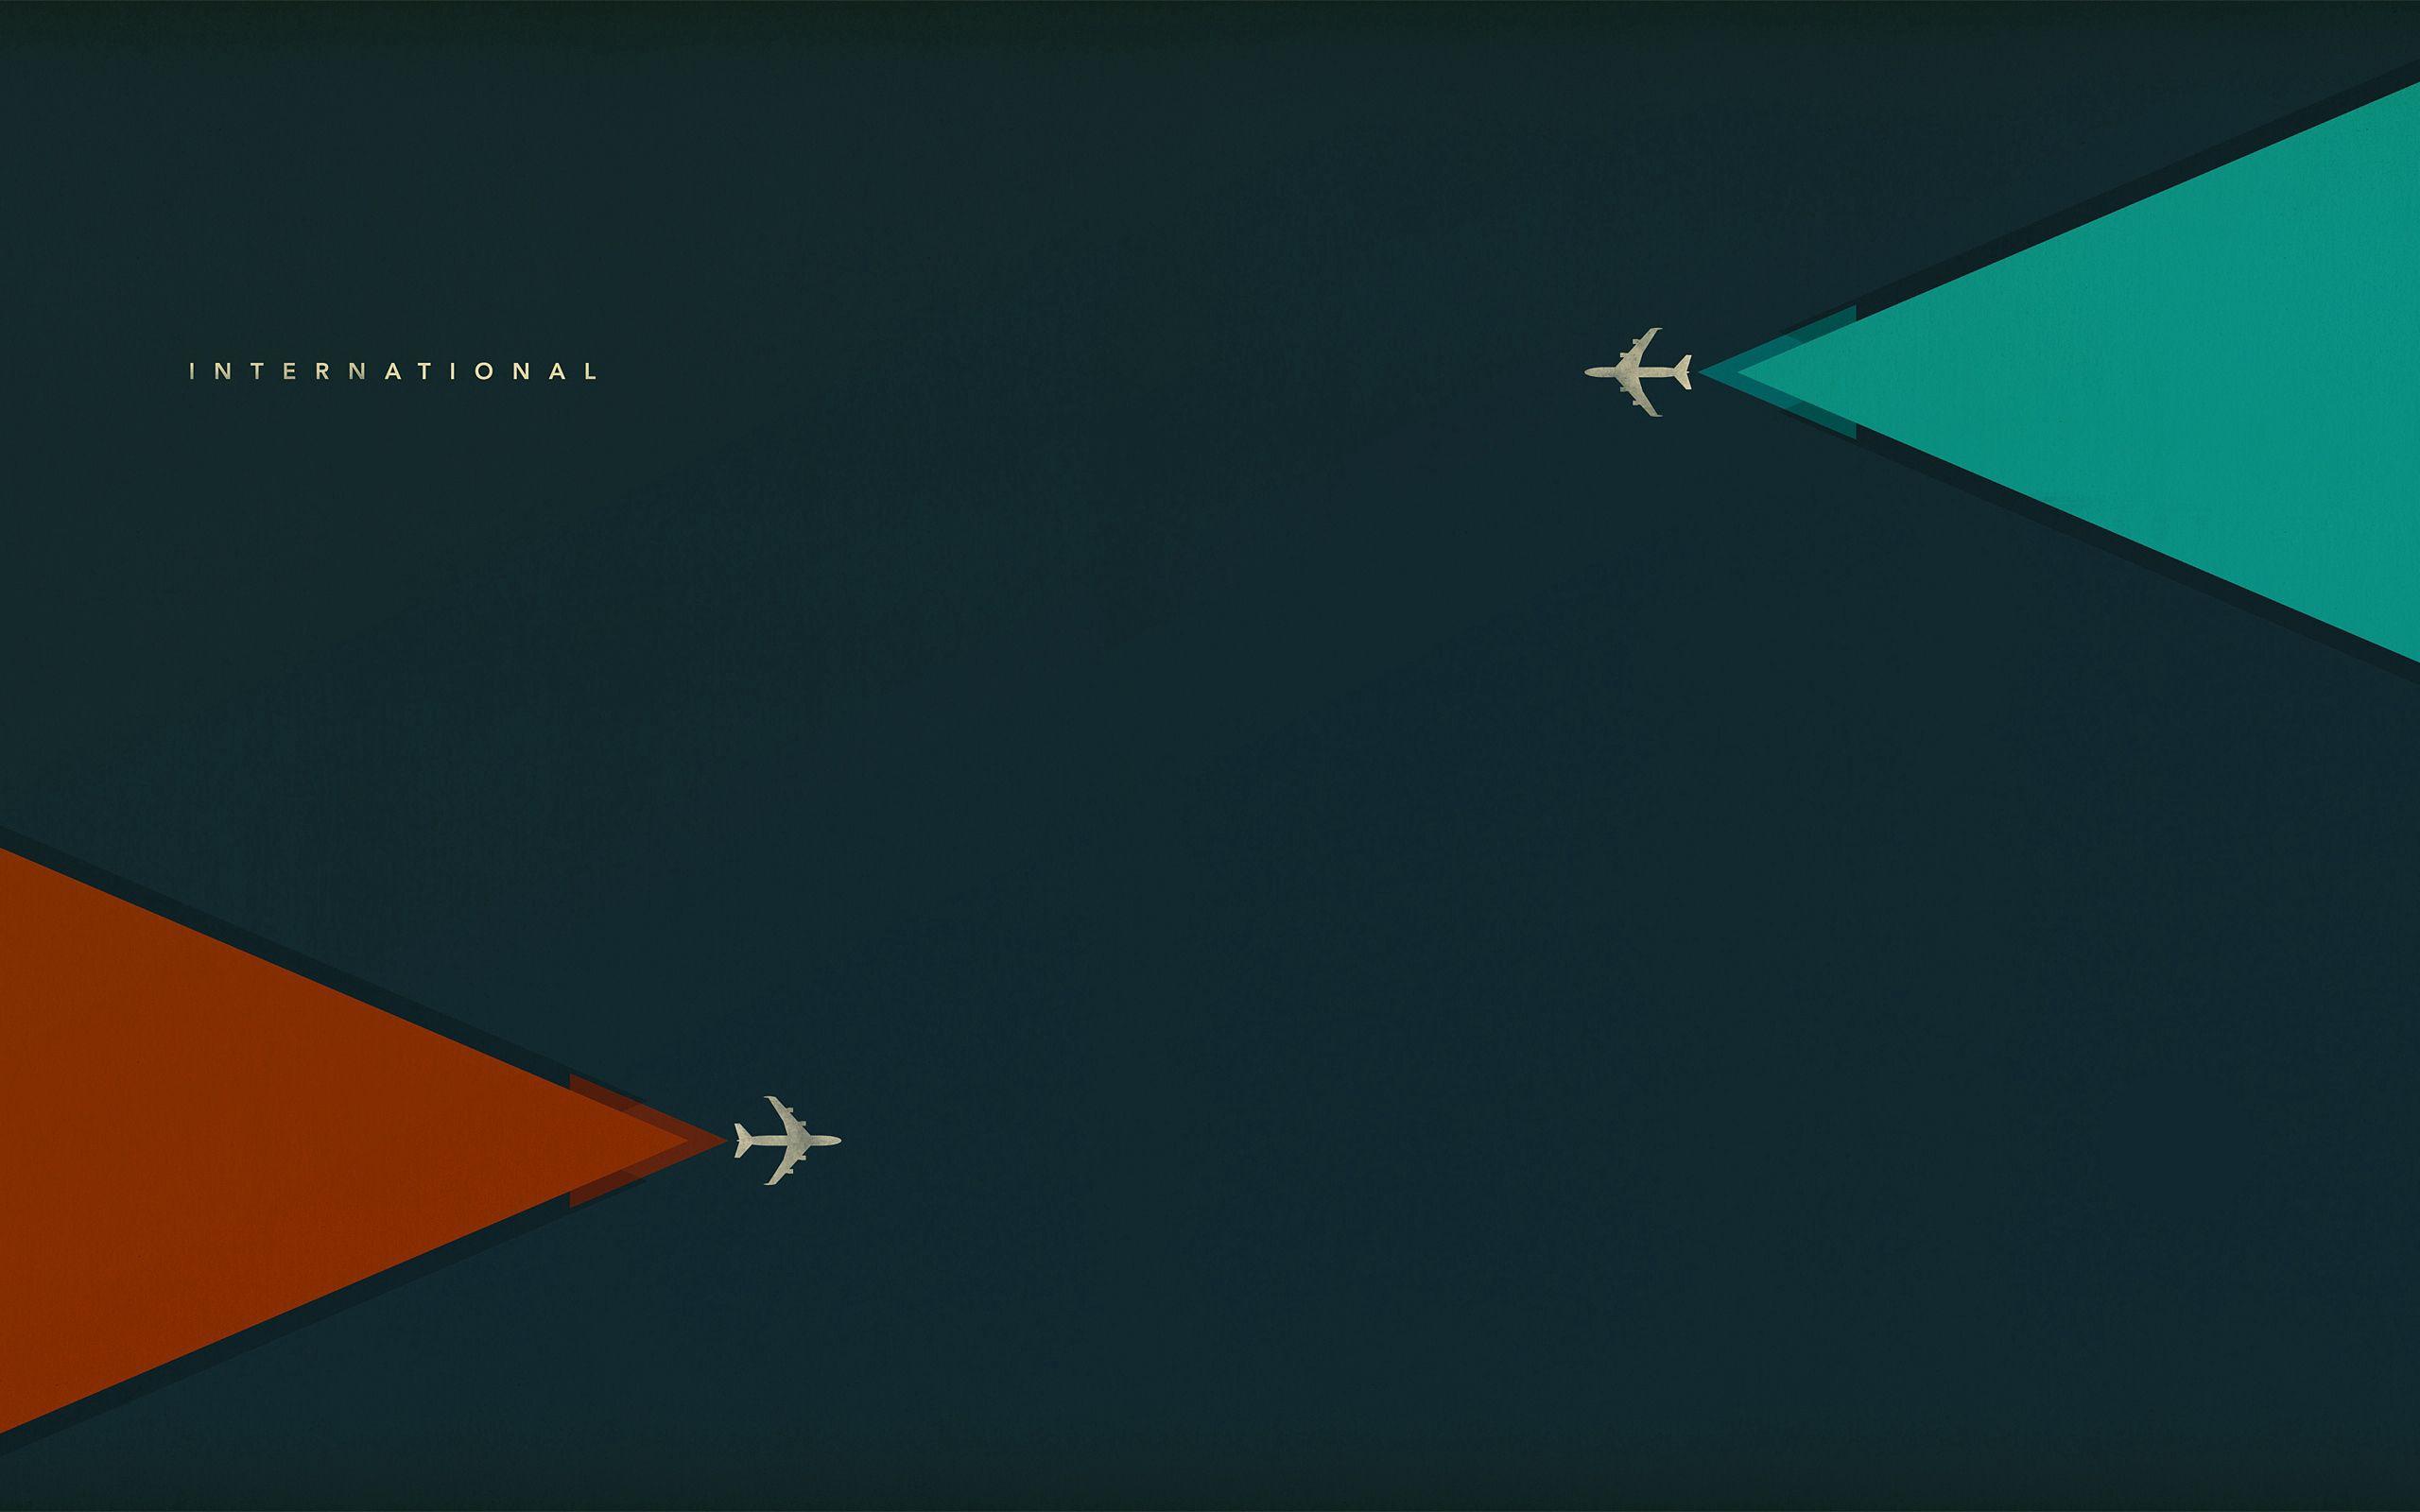 157820 Hintergrundbild herunterladen Flugzeuge, Vektor, Minimalismus, Flug, Flugzeug - Bildschirmschoner und Bilder kostenlos